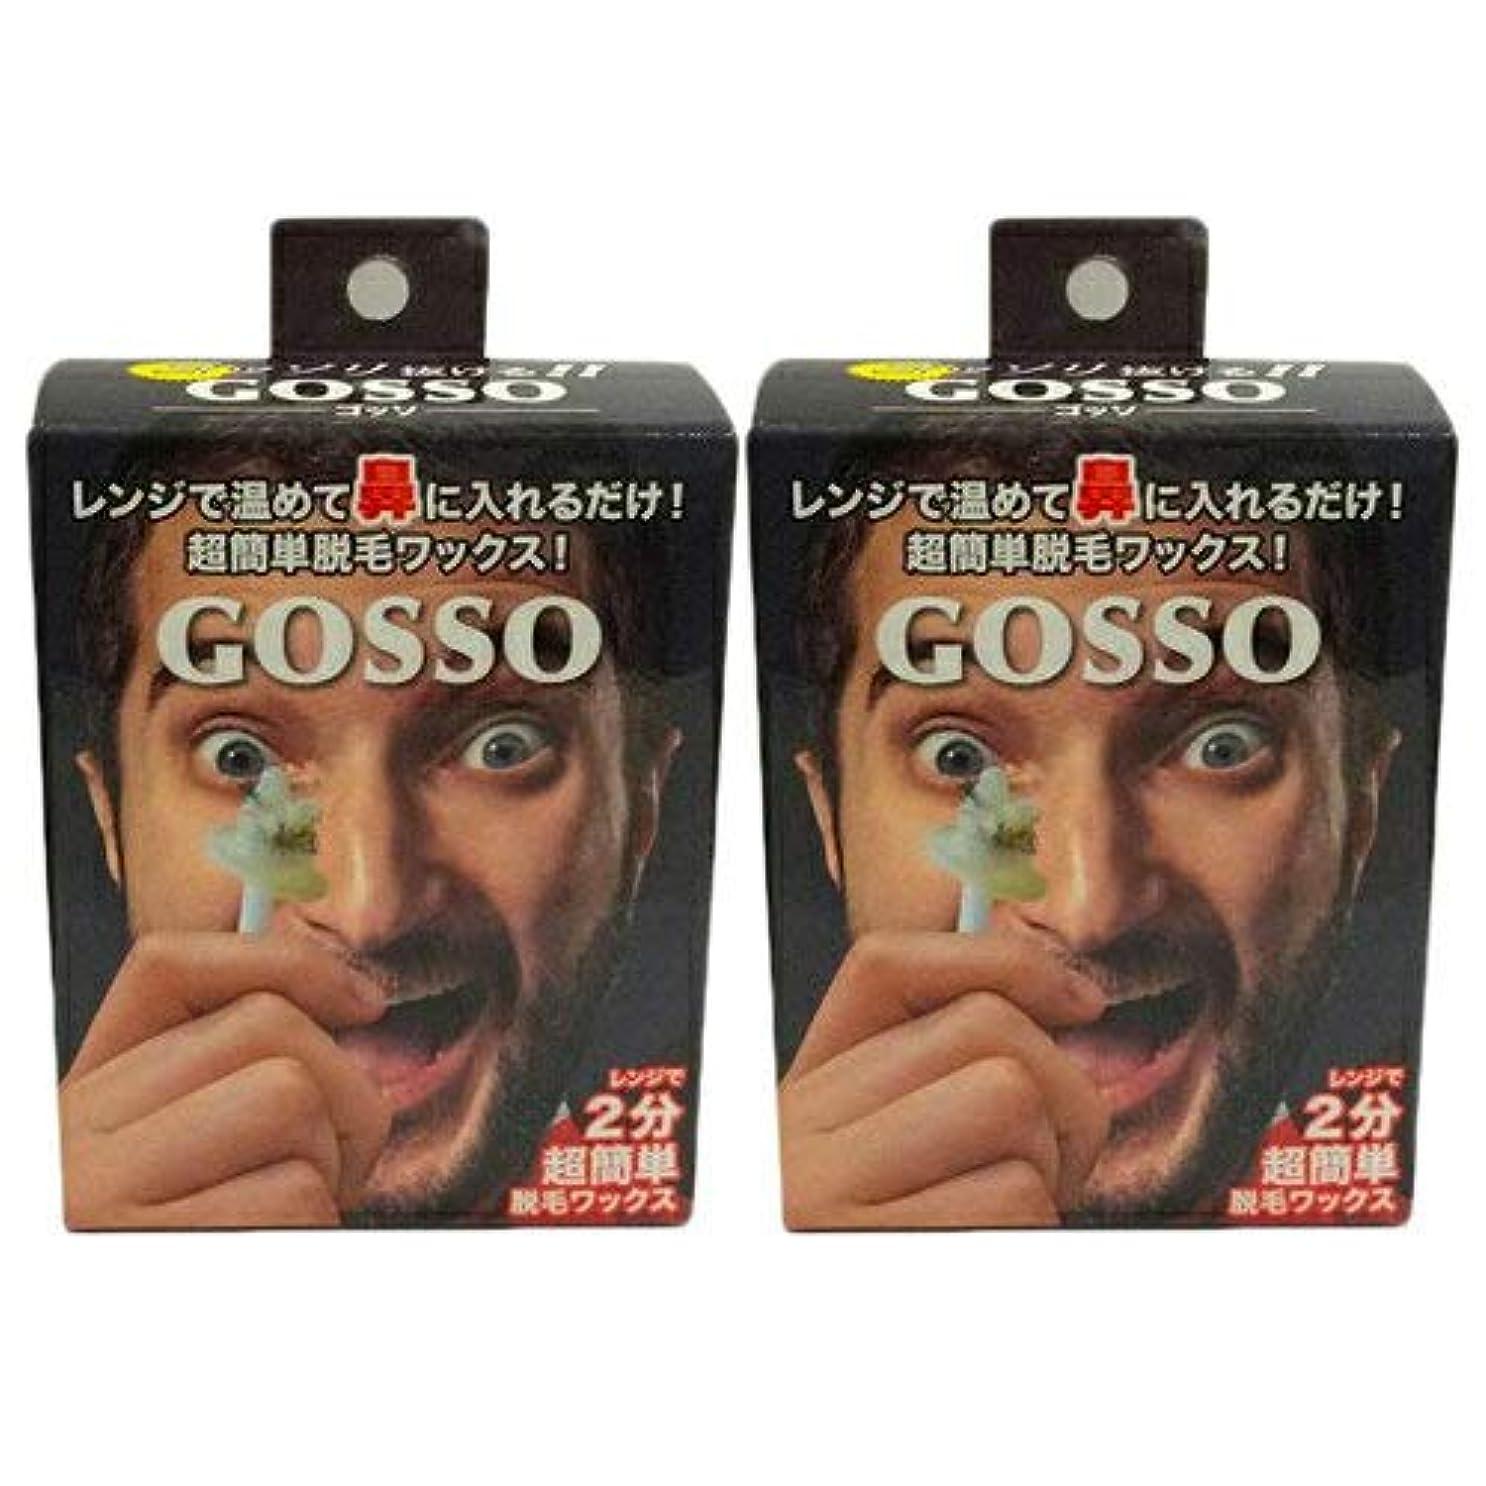 イブコントローラ原始的なGOSSO  2箱セット